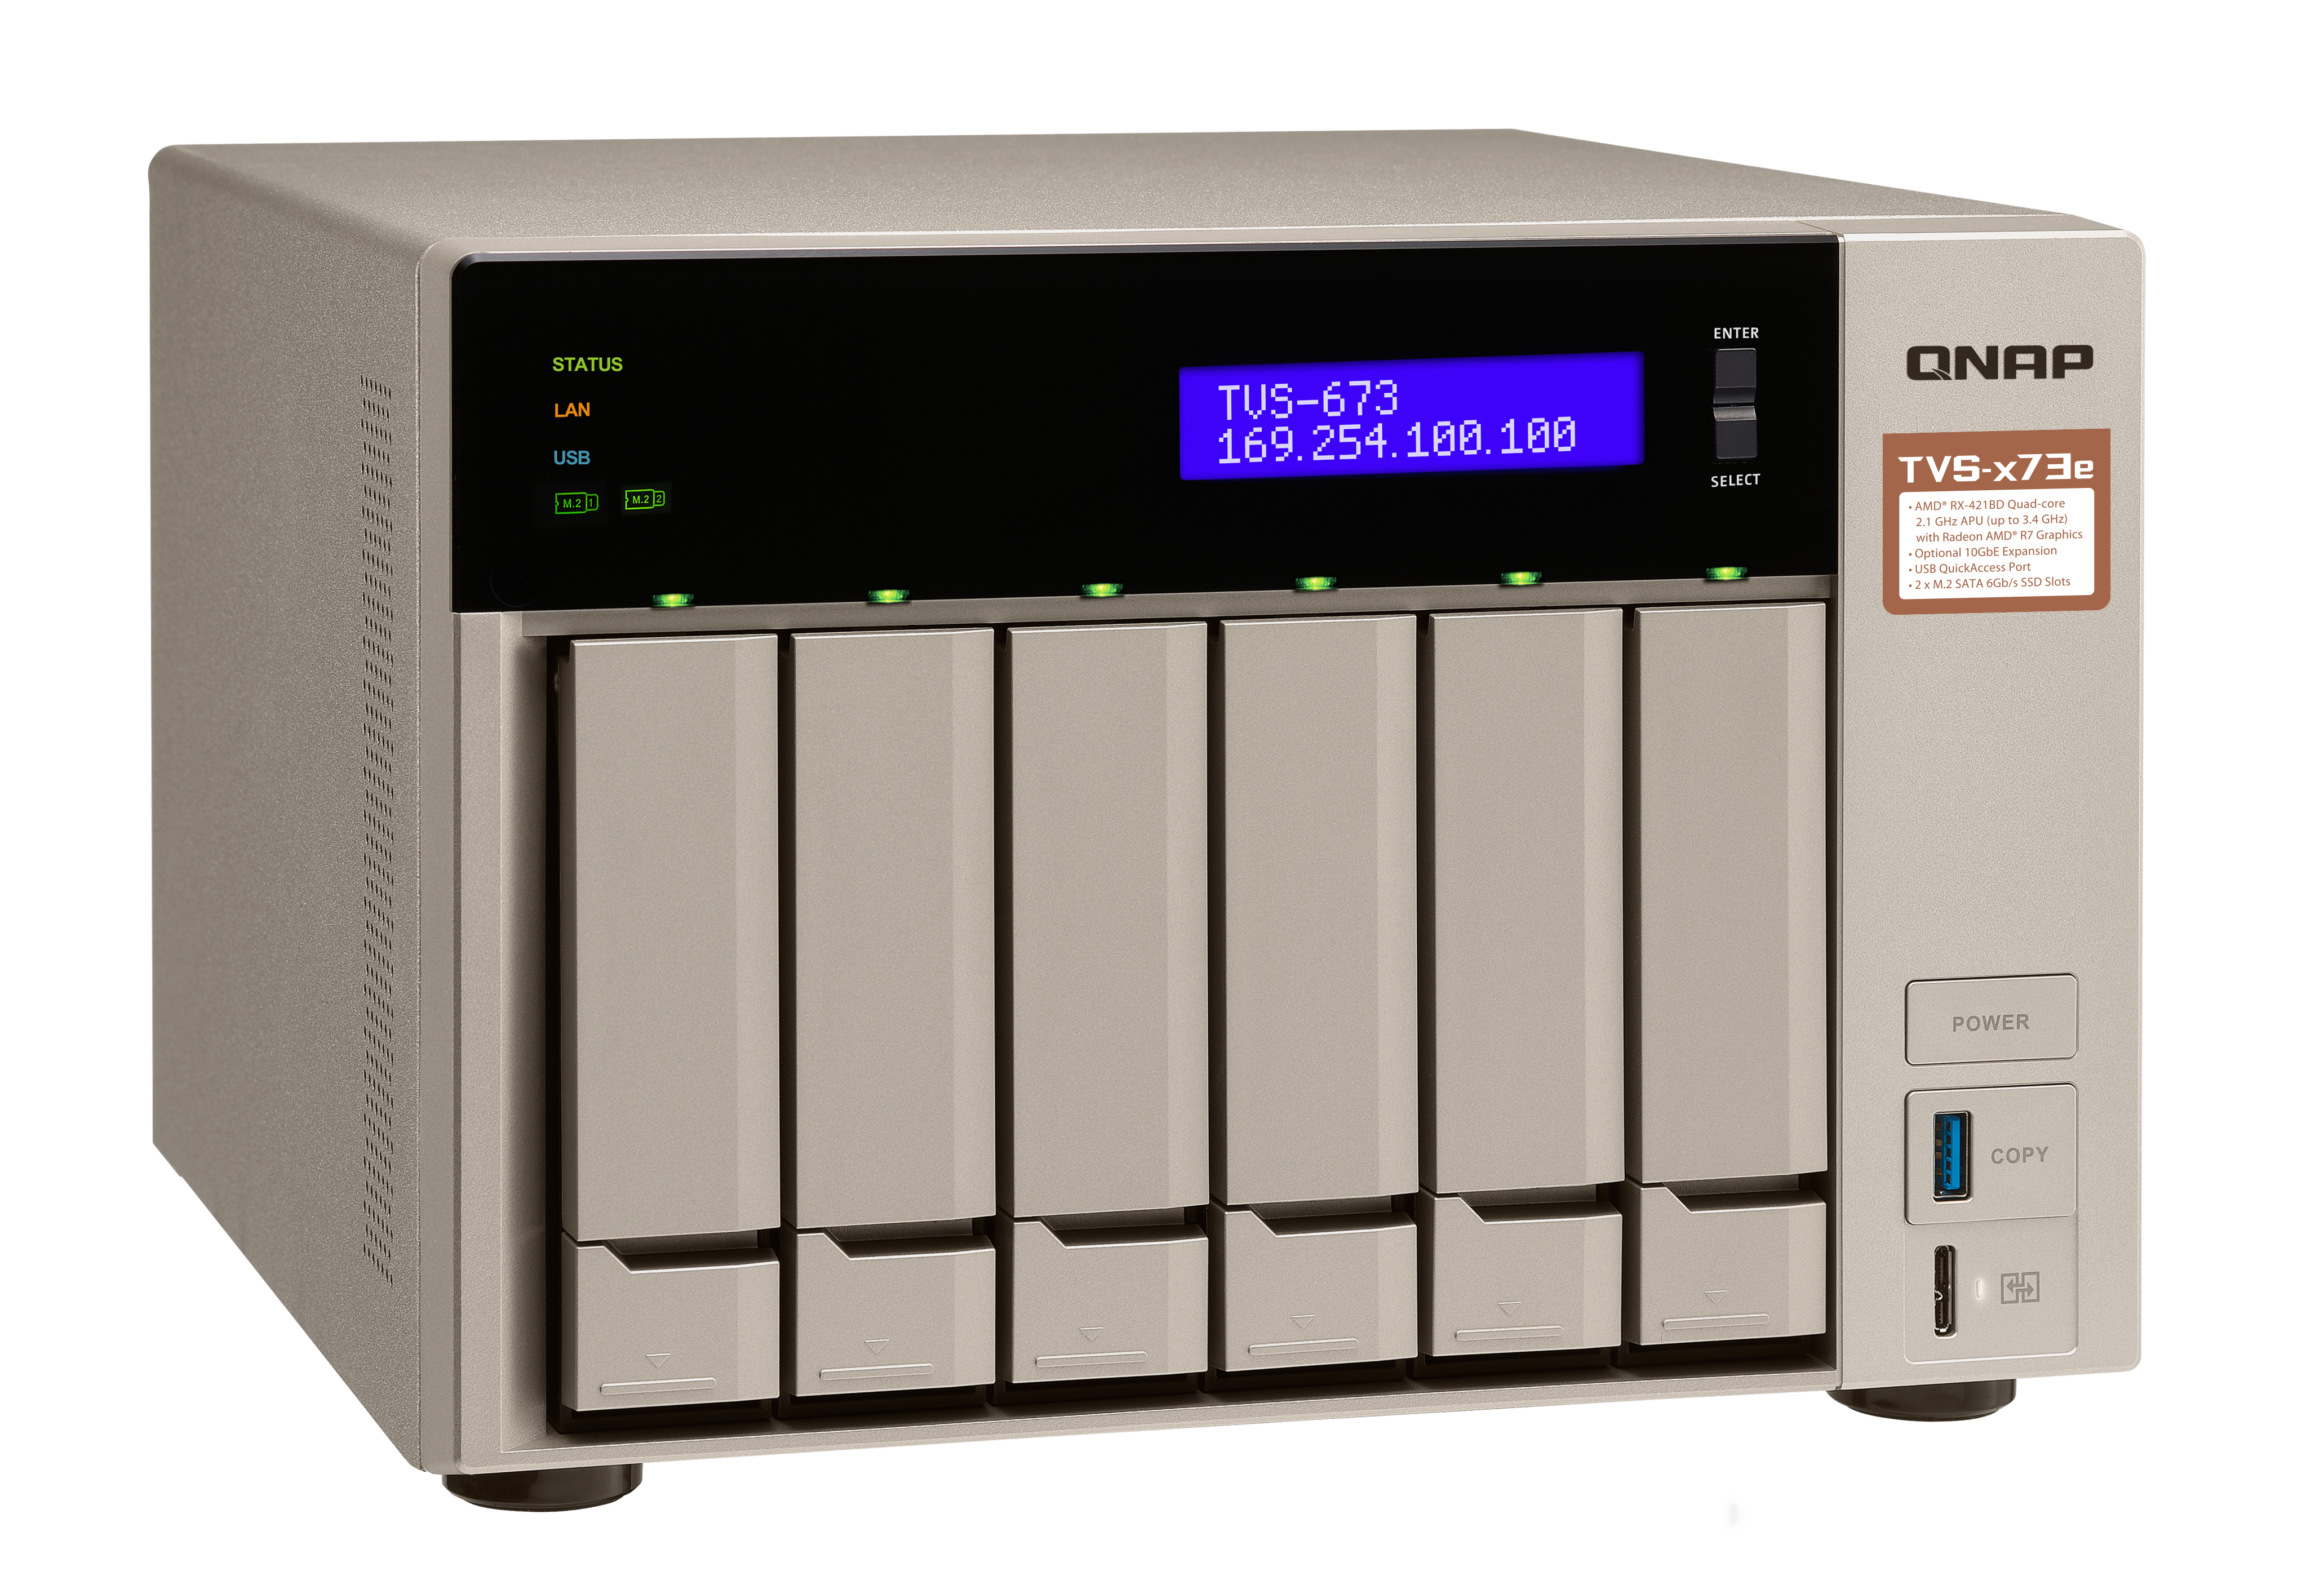 QNAP TVS-673e-4G NAS Torre Collegamento ethernet LAN Grigio